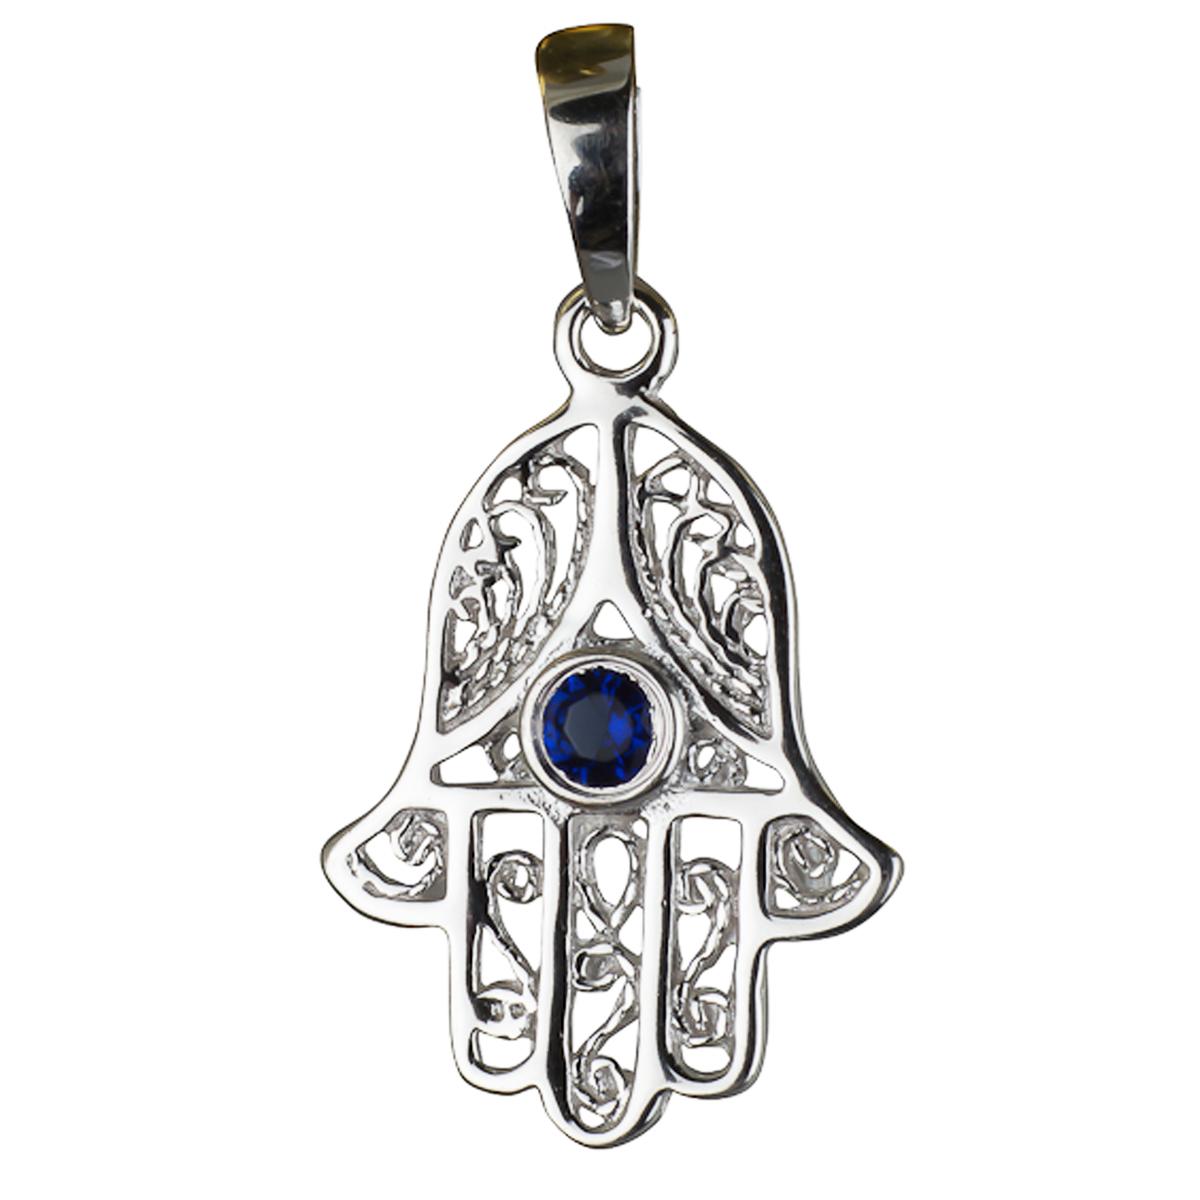 Pendentif Argent \'Main Fatma\' bleu saphir argenté (rhodié) - 20x15 mm - [E3930]